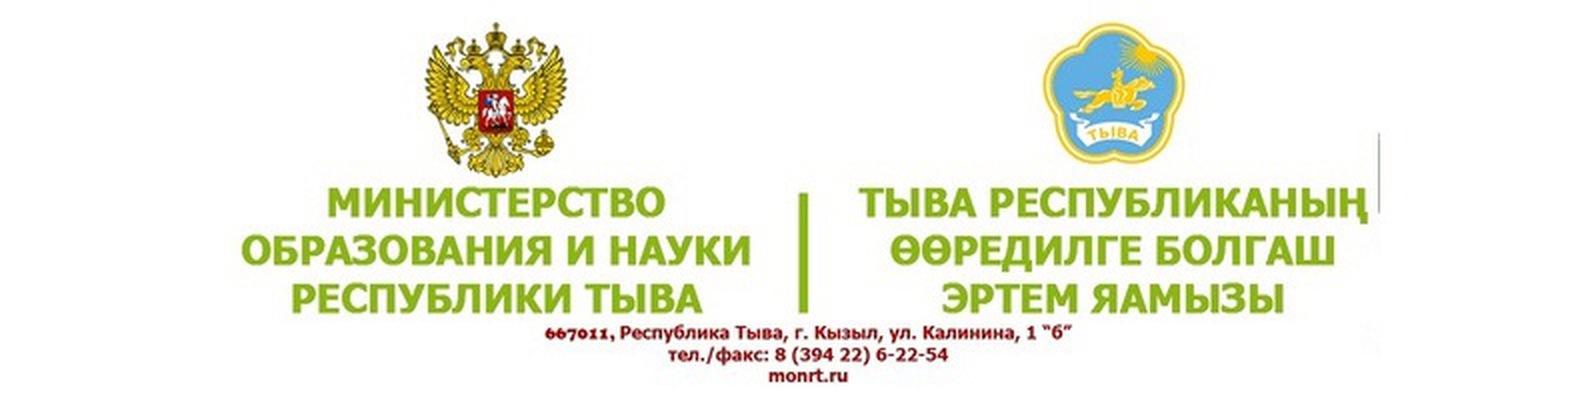 Министерство образования и науки Республики Тыва